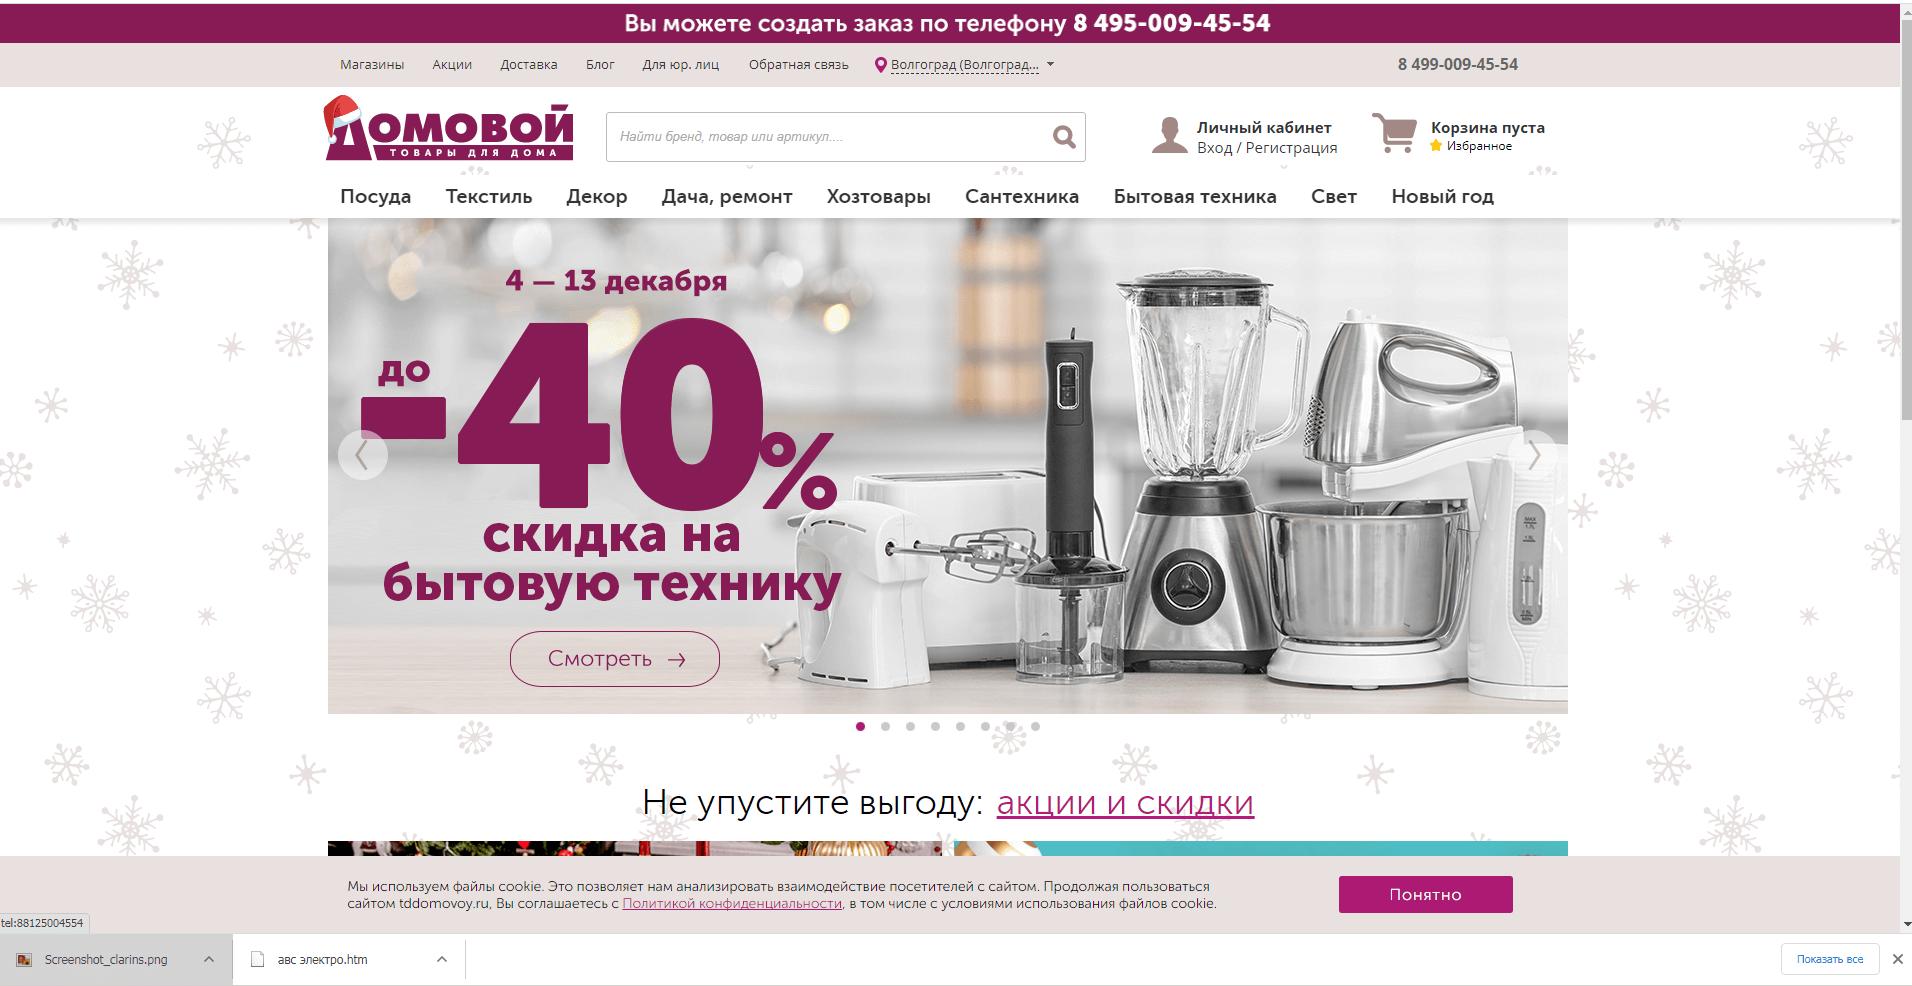 tddomovoy.ru website